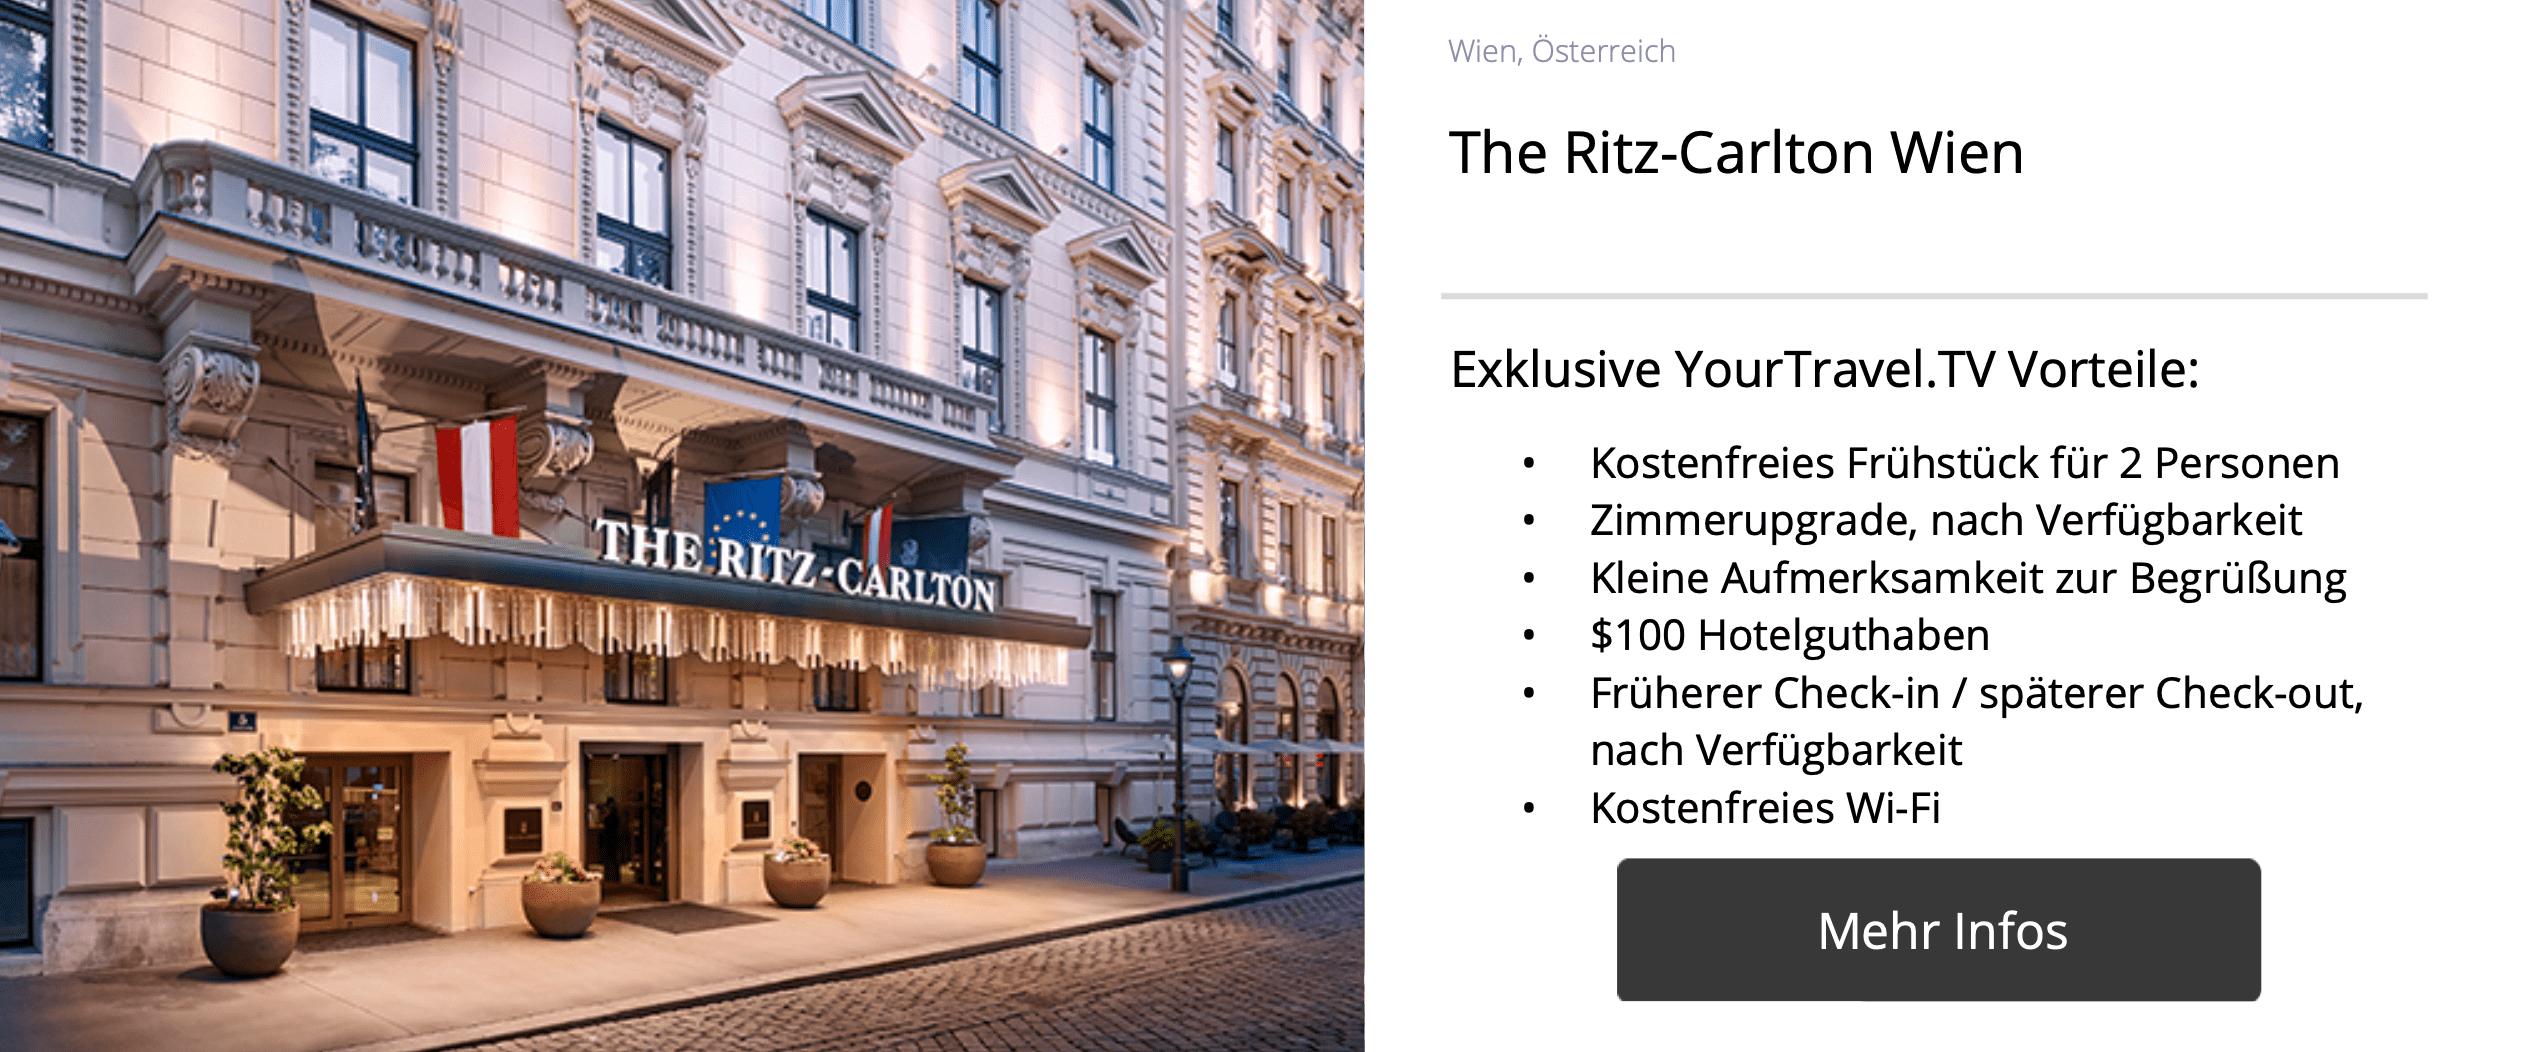 Ritz-Carlton Wien